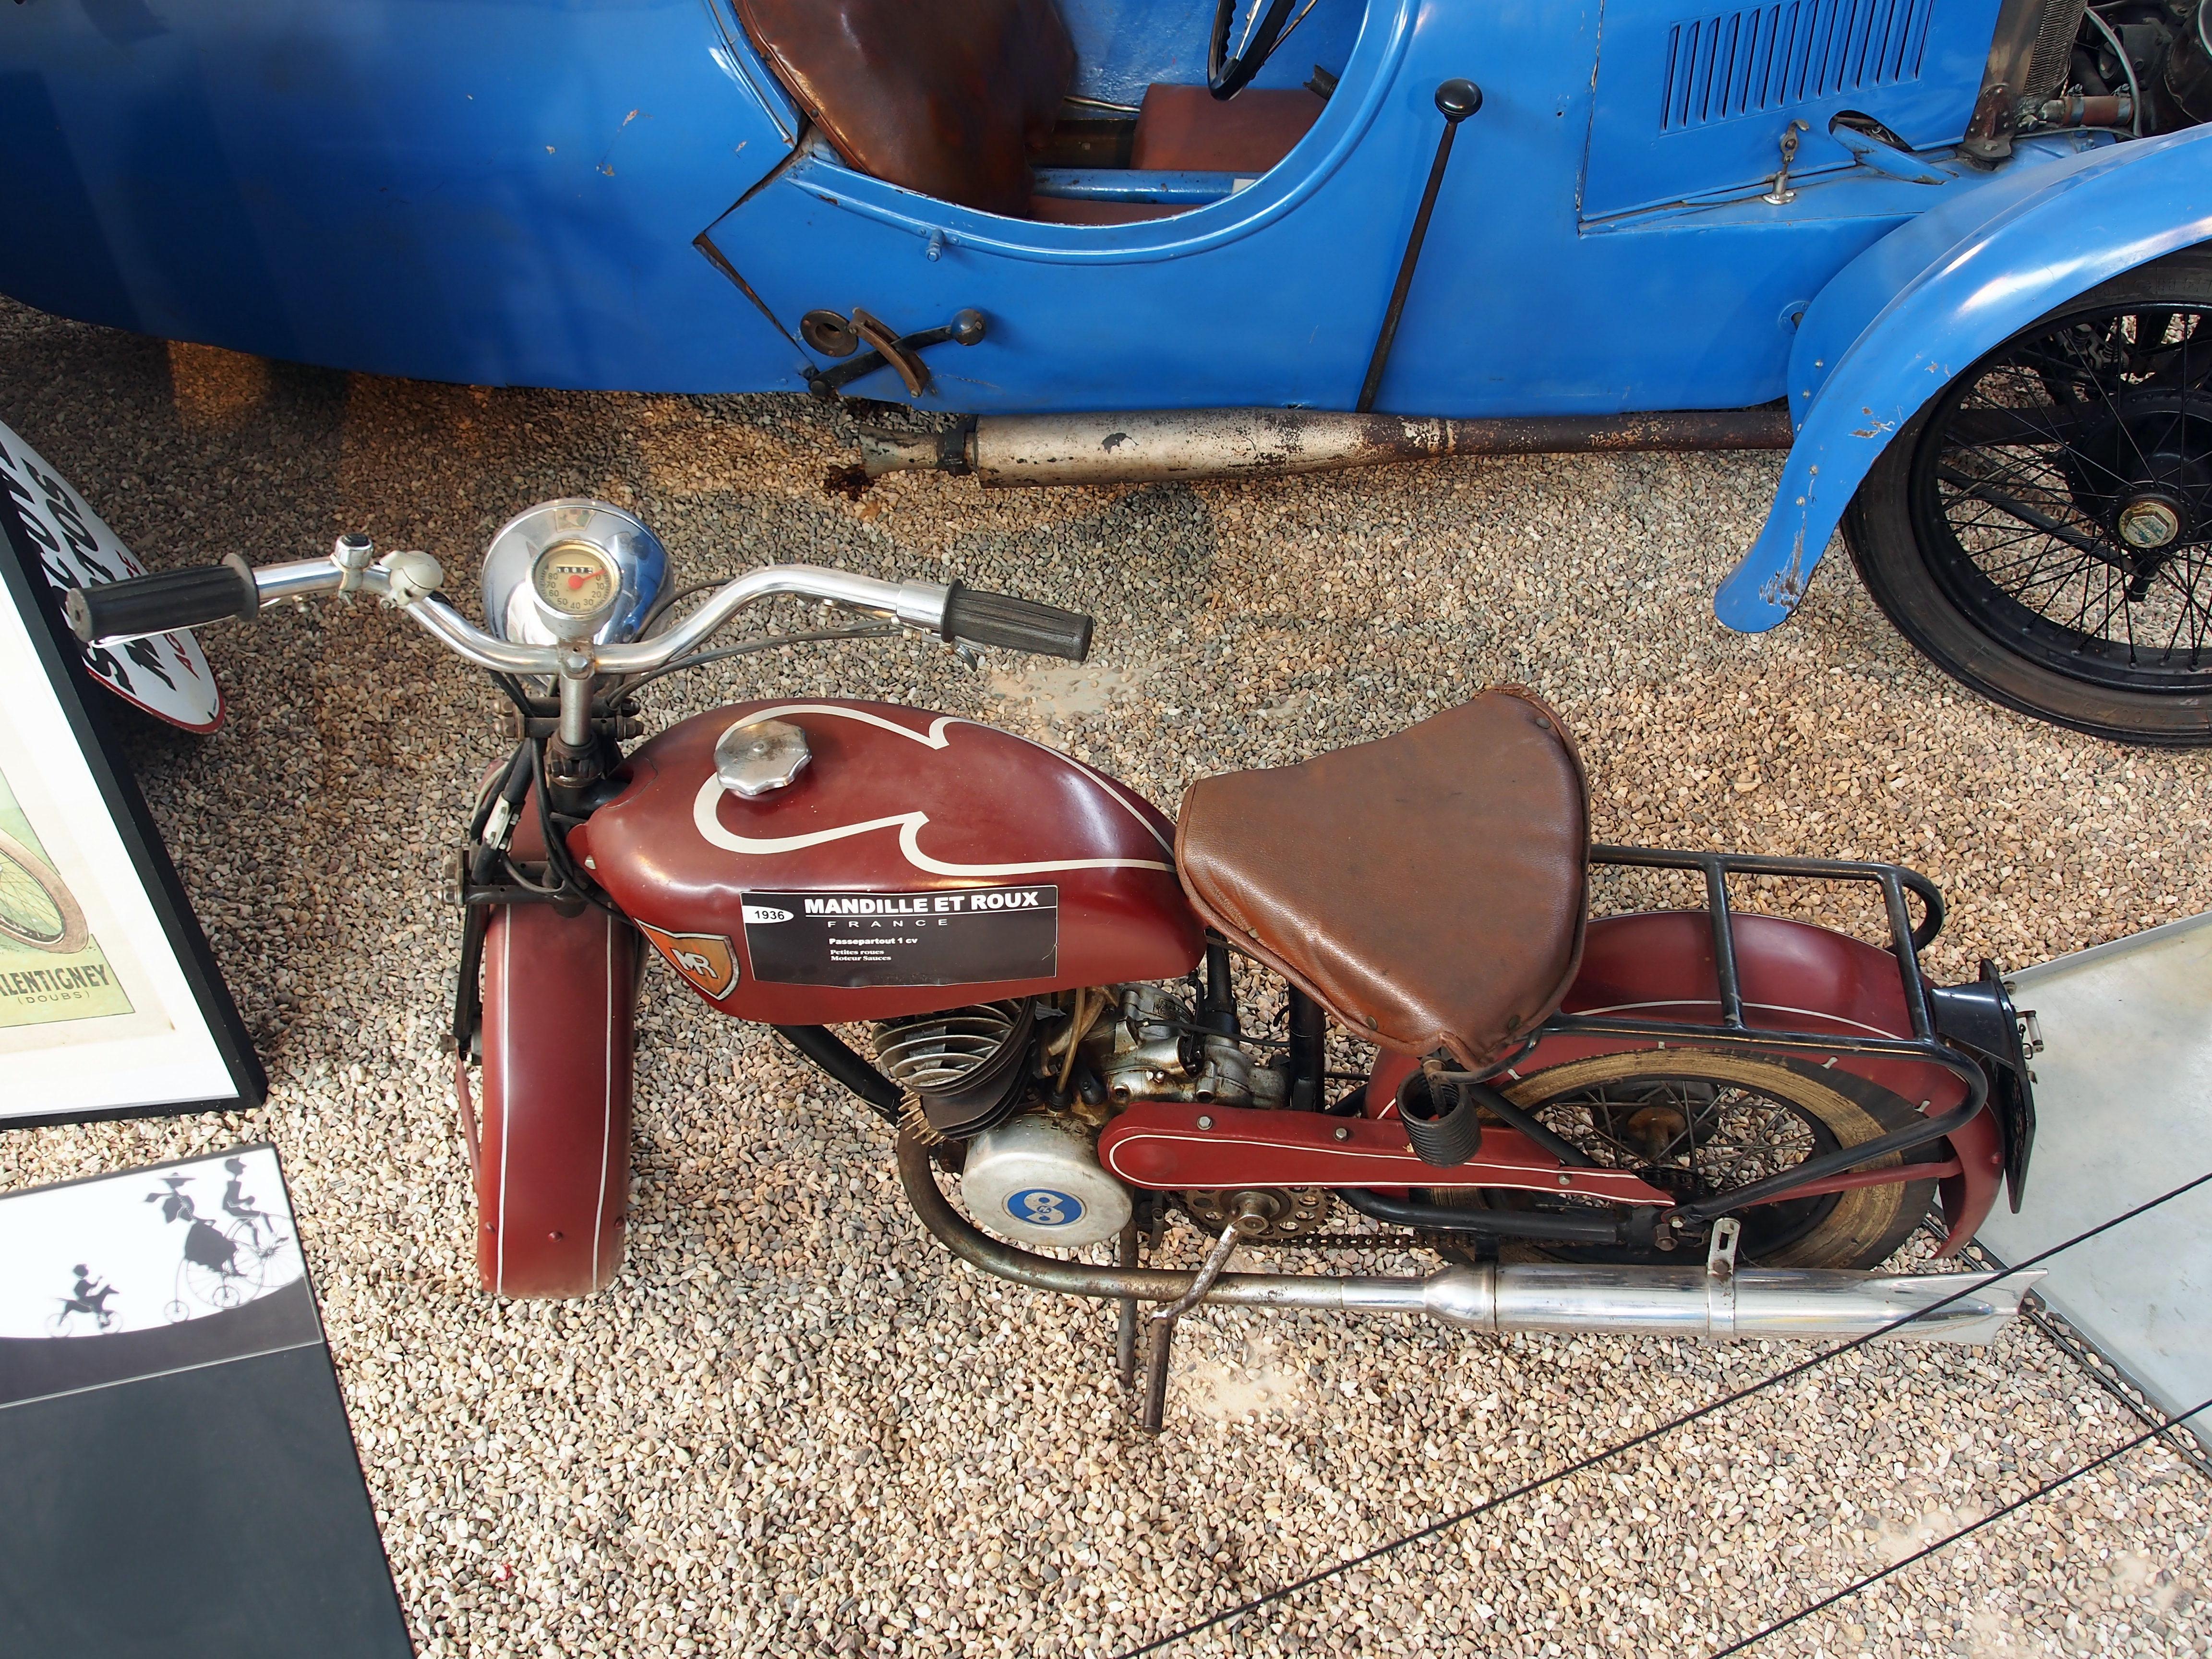 file 1936 mandille et roux passepartout 1 cv  mus u00e9e de la moto et du v u00e9lo  amn u00e9ville  france